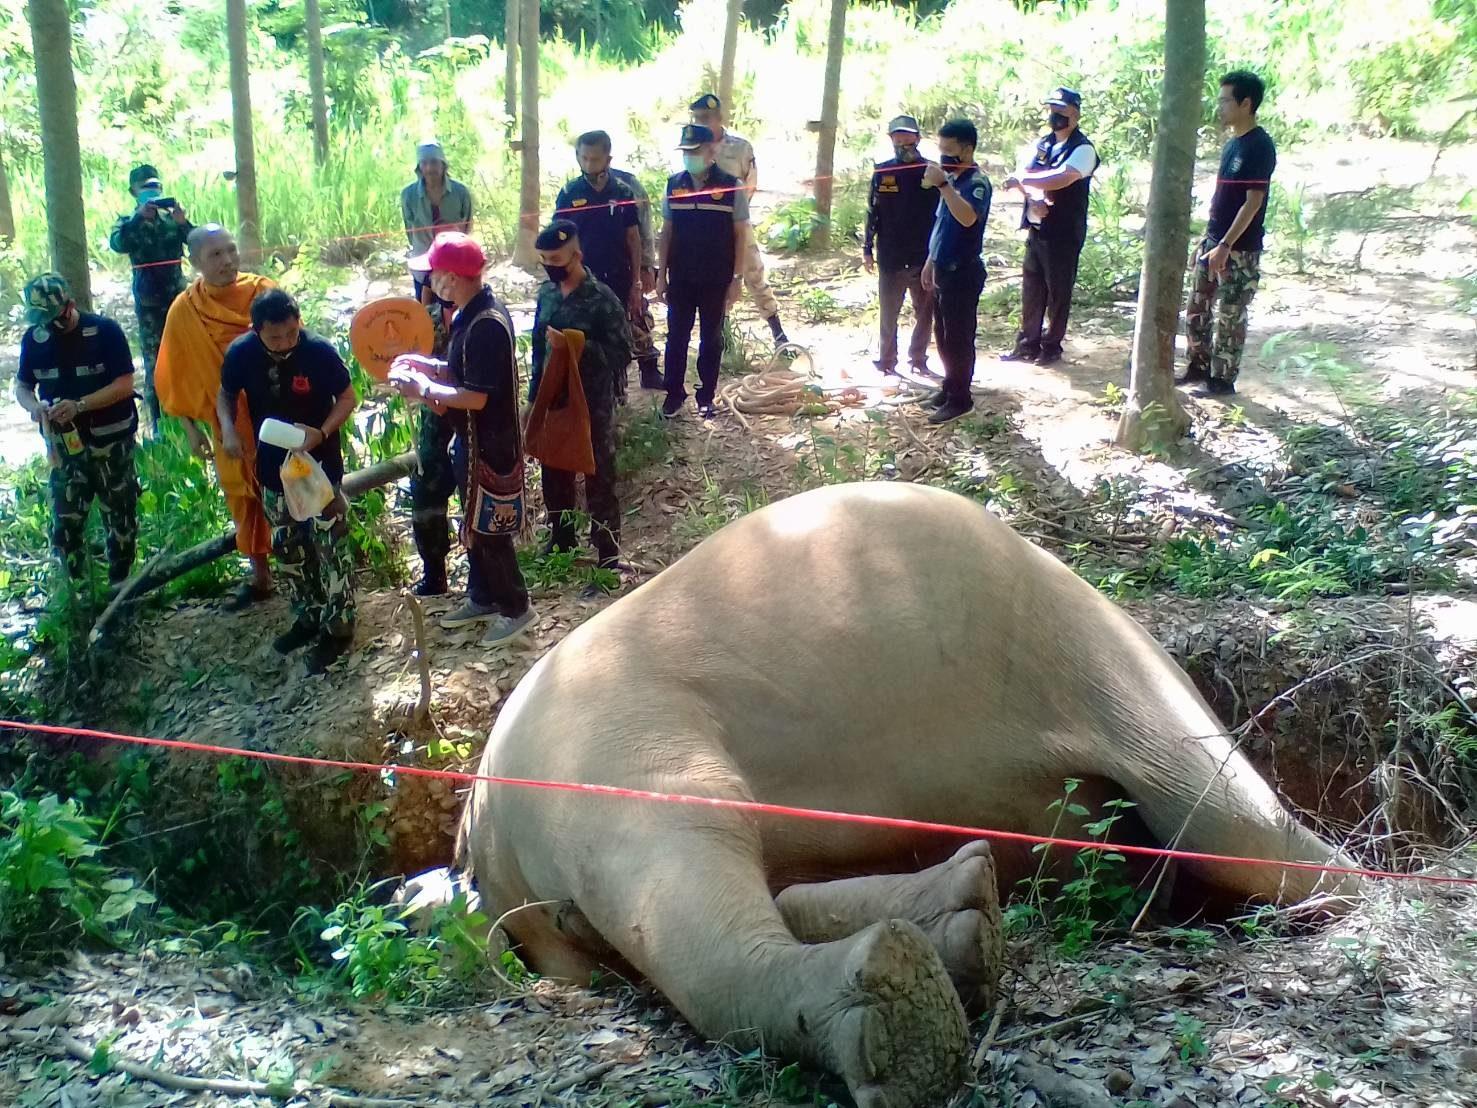 """กรมอุทยานแห่งชาติฯ เร่งดึงแนวร่วมแก้วิกฤต """"ช้างป่ากุยบุรี"""" ตายผิดธรรมชาติ"""